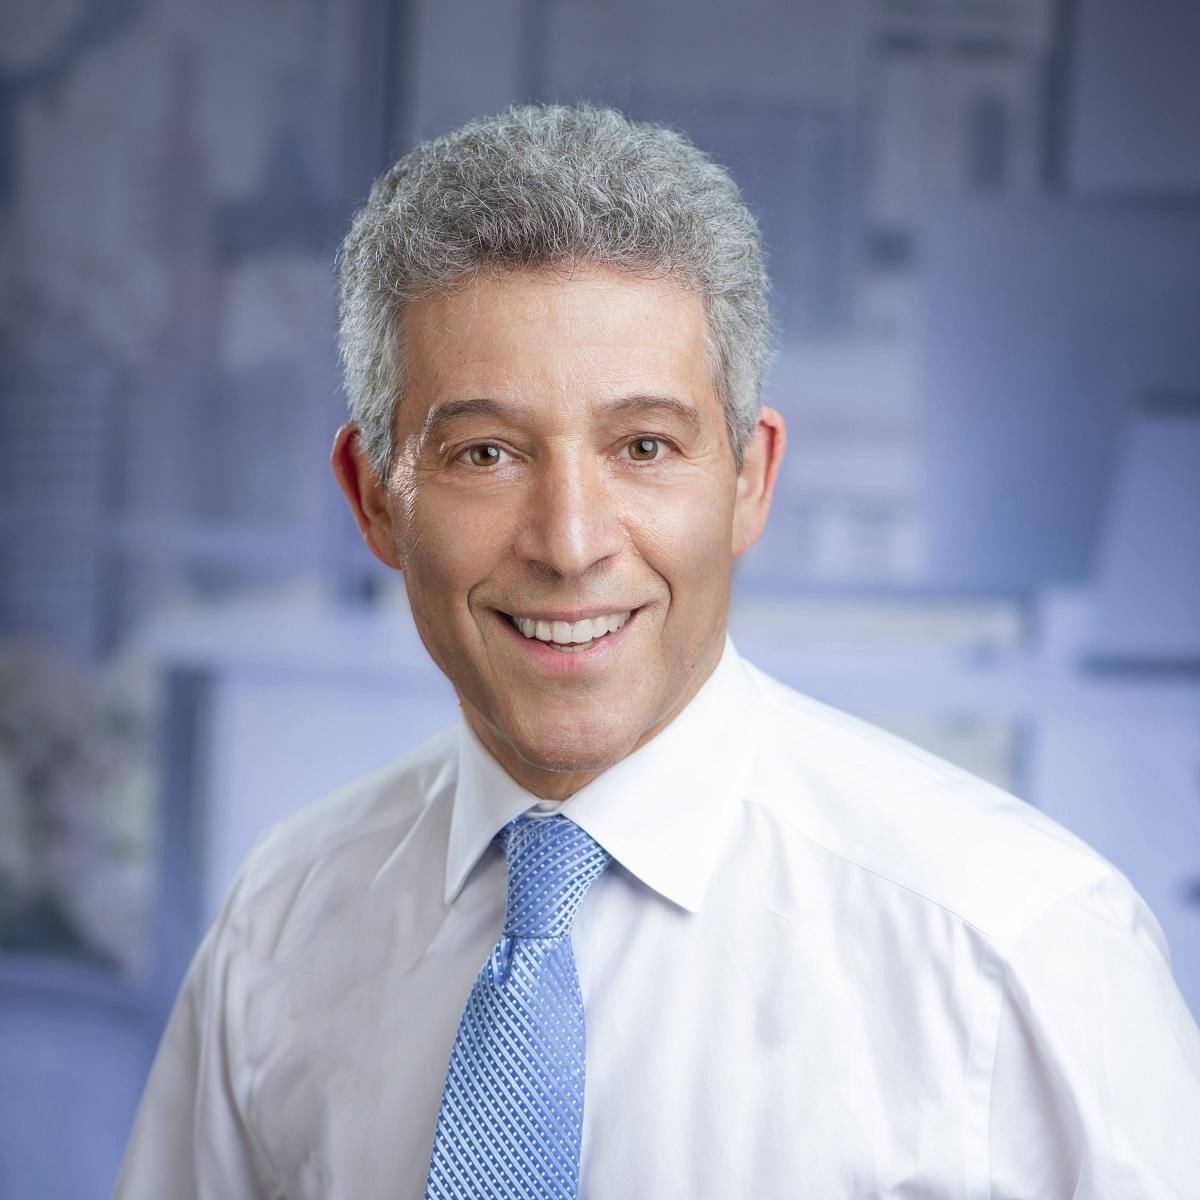 Mark Sugarman